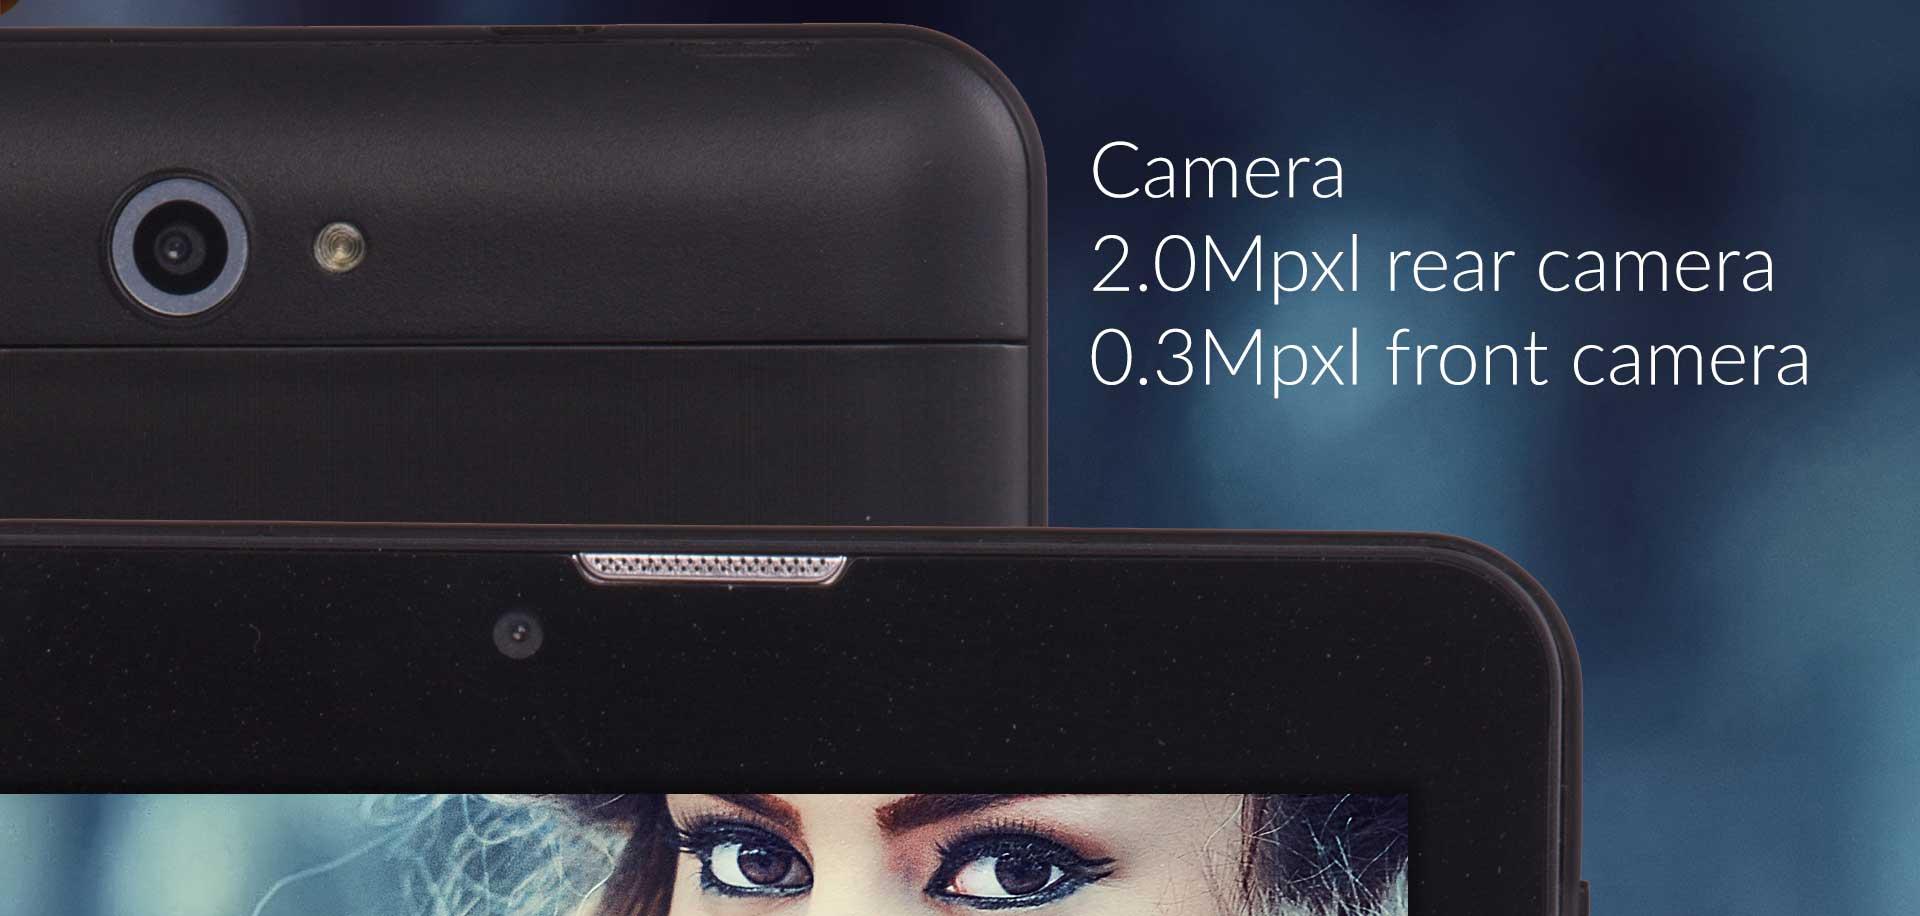 camera-706-a